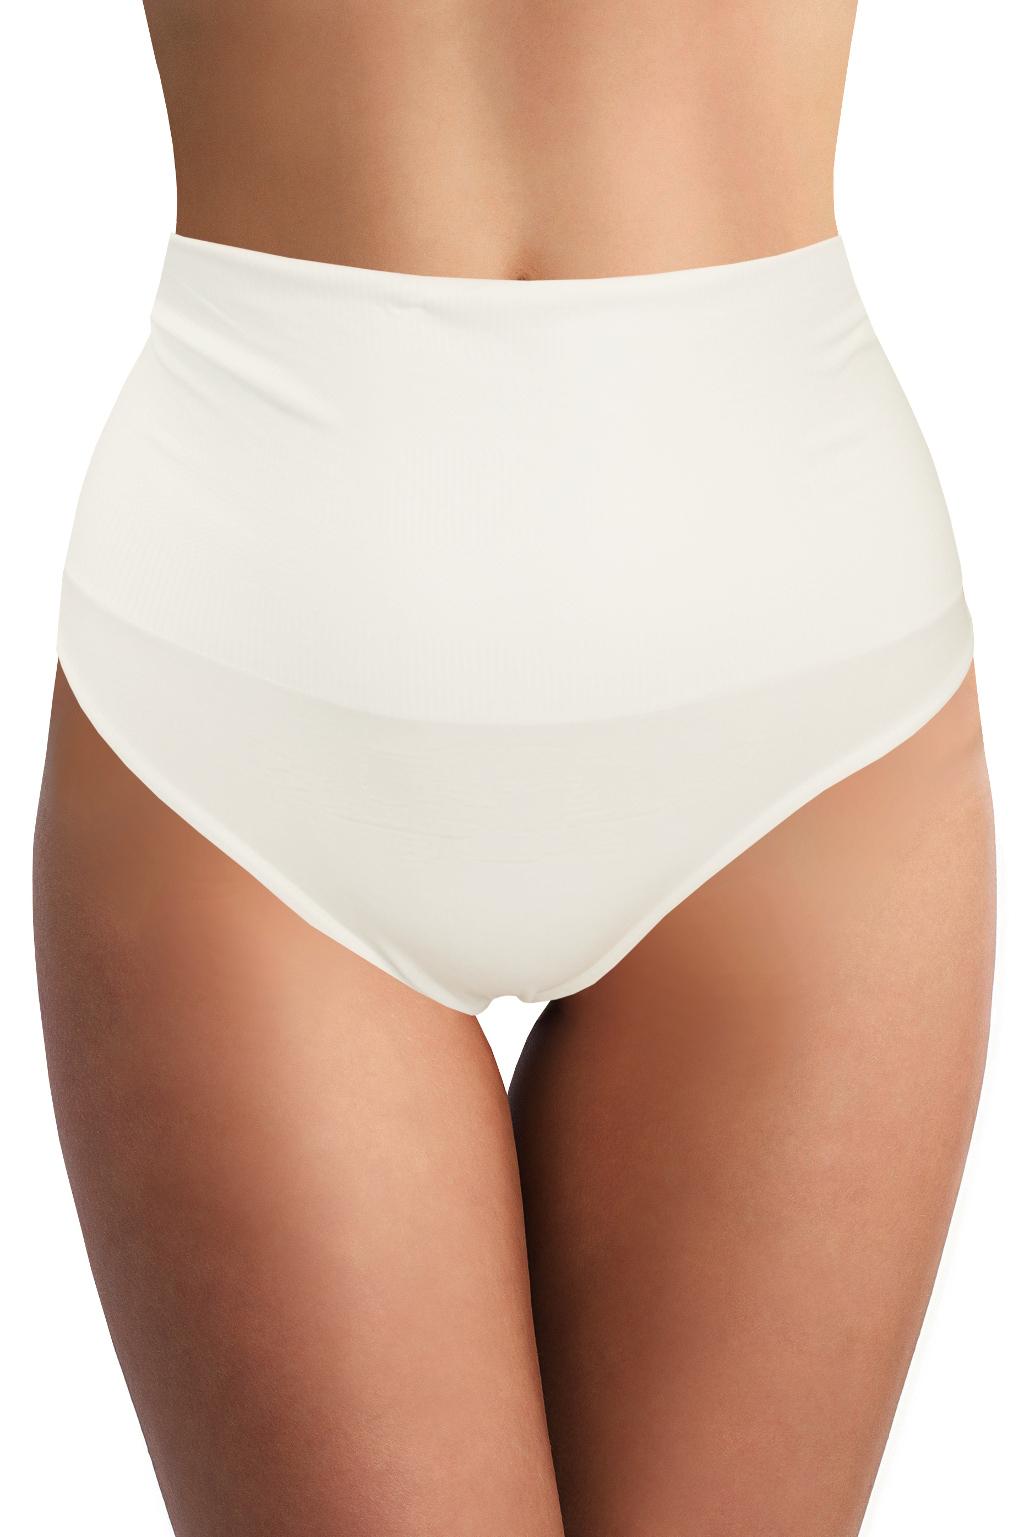 Elma stahovací kalhotky tanga bílá XL